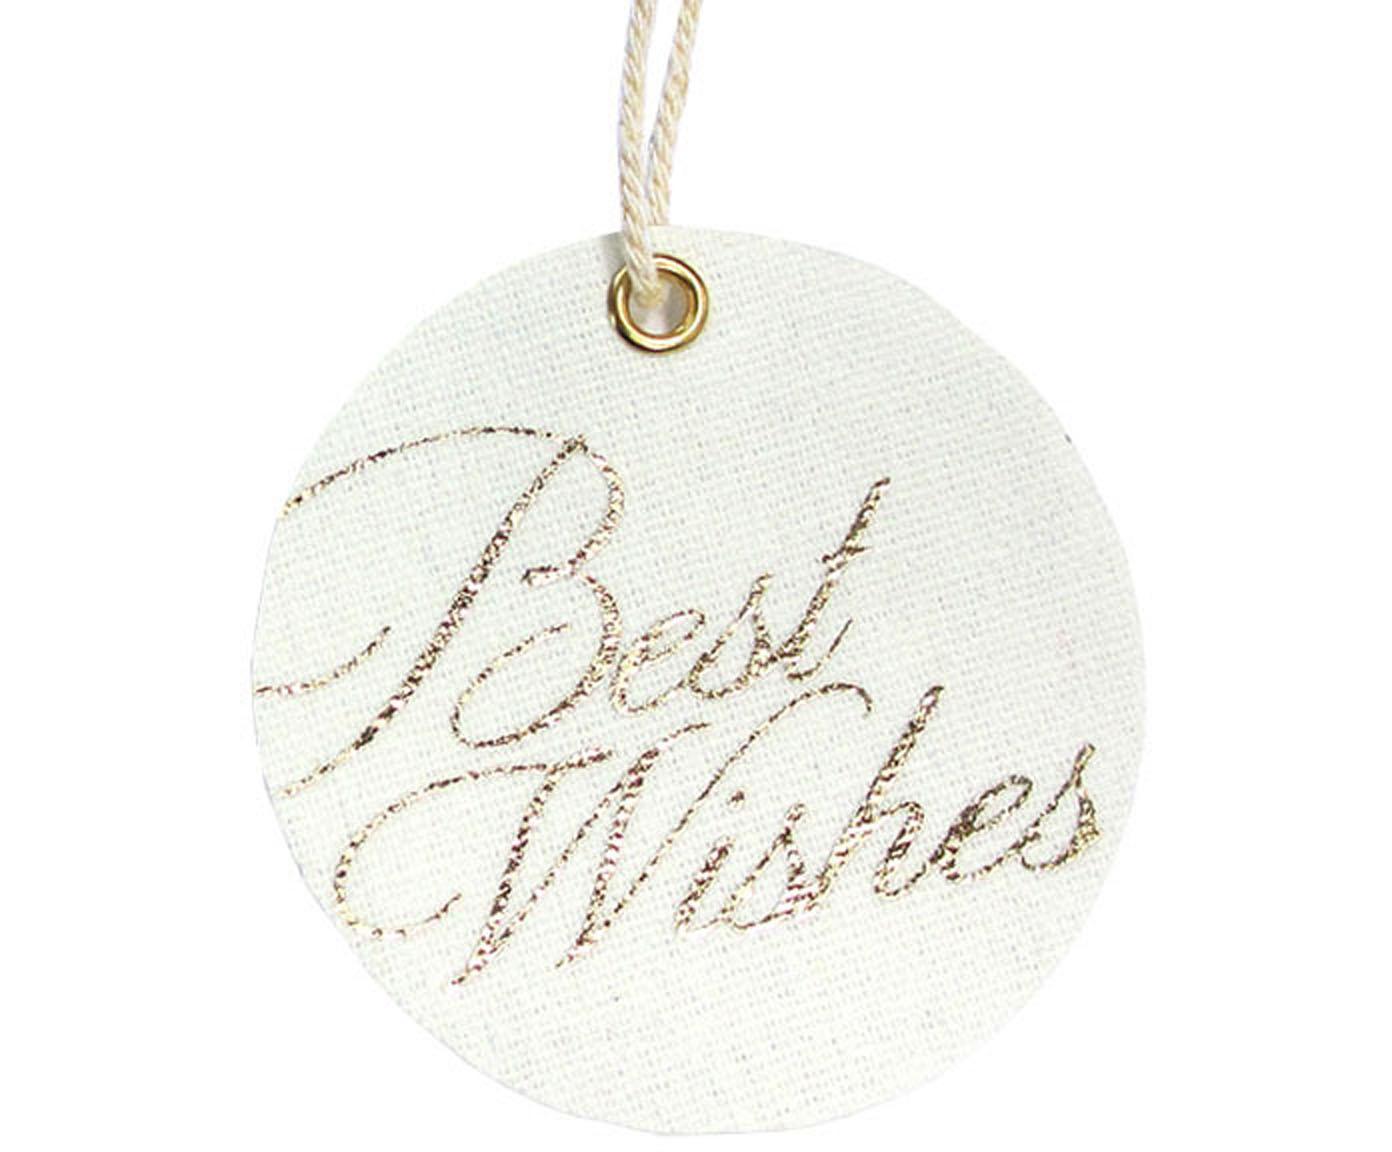 Etiquetas para regalo Best Wishes, 6uds., 60%poliéster, 40%algodón, Blanco, dorado, Ø 6 x Al 6 cm